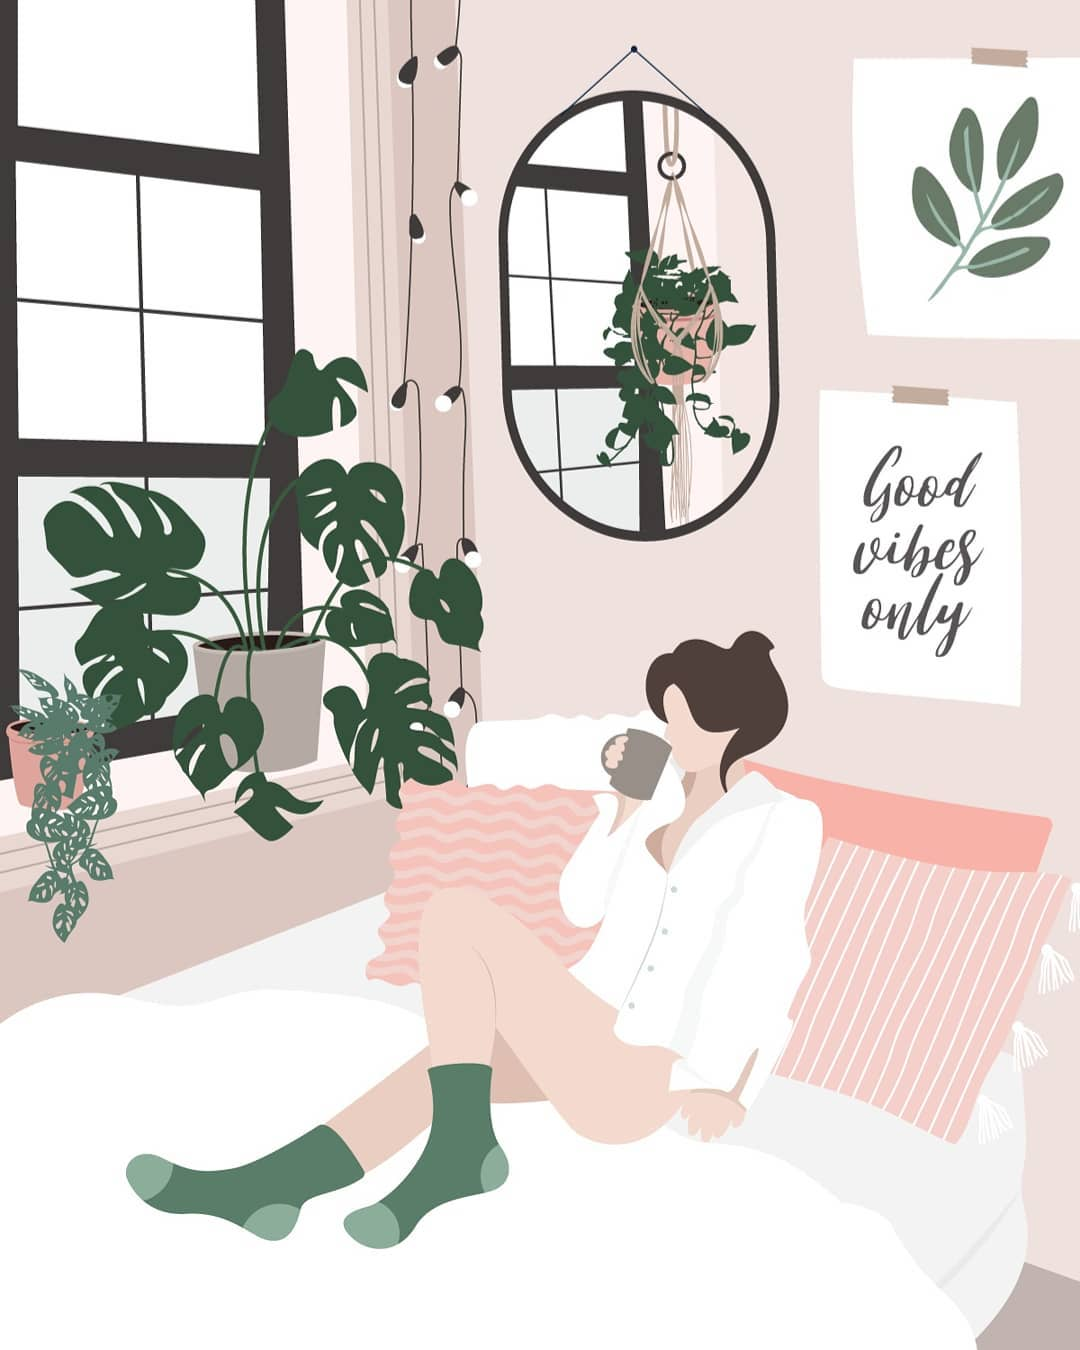 Лето и девушки: серия иллюстраций Good Weather 79307404_2248289182131777_5789215768076529199_n.jpg